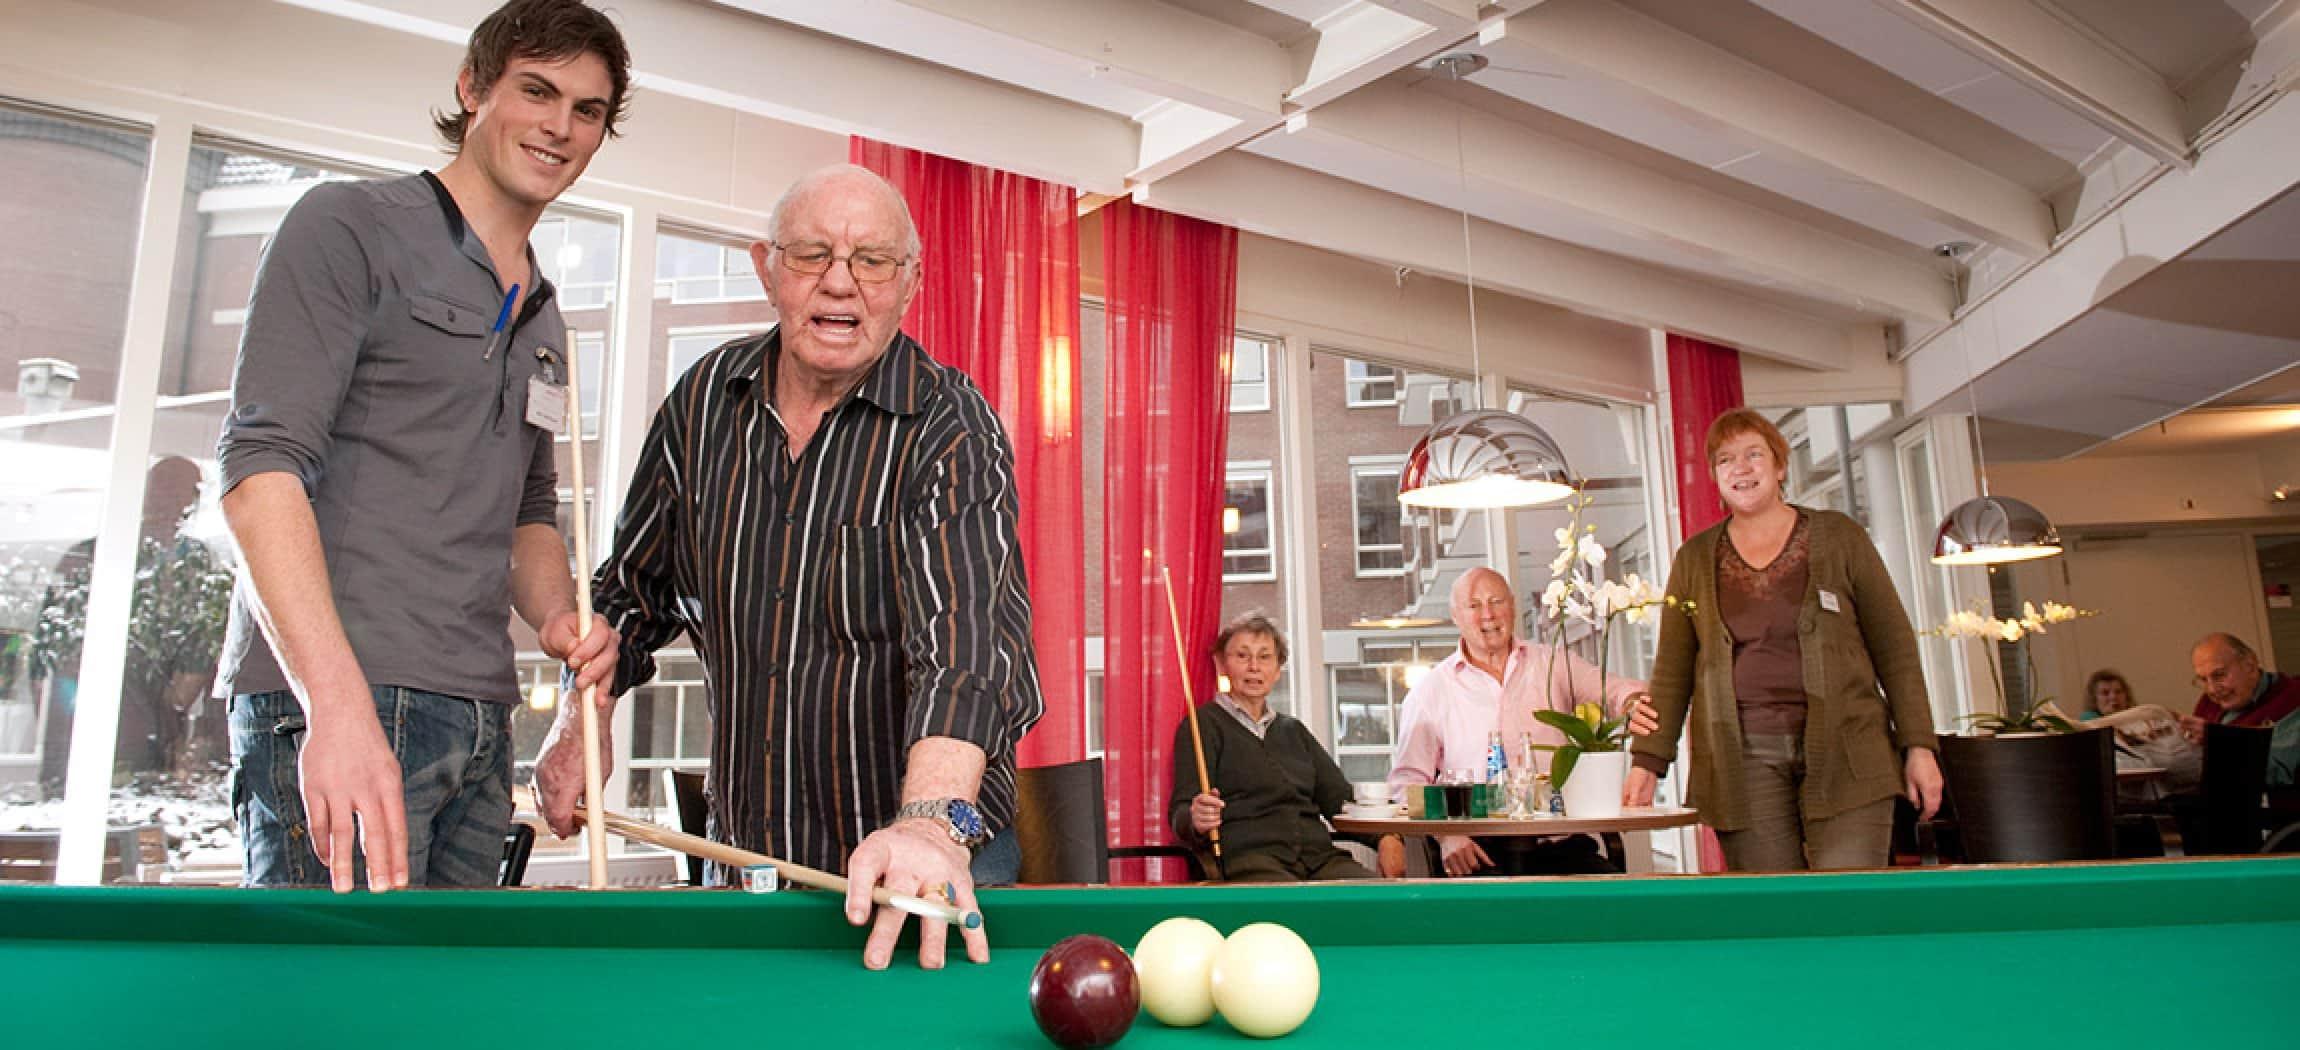 Oude man speelt biljart met keu en mannelijke verzorgende kijkt mee